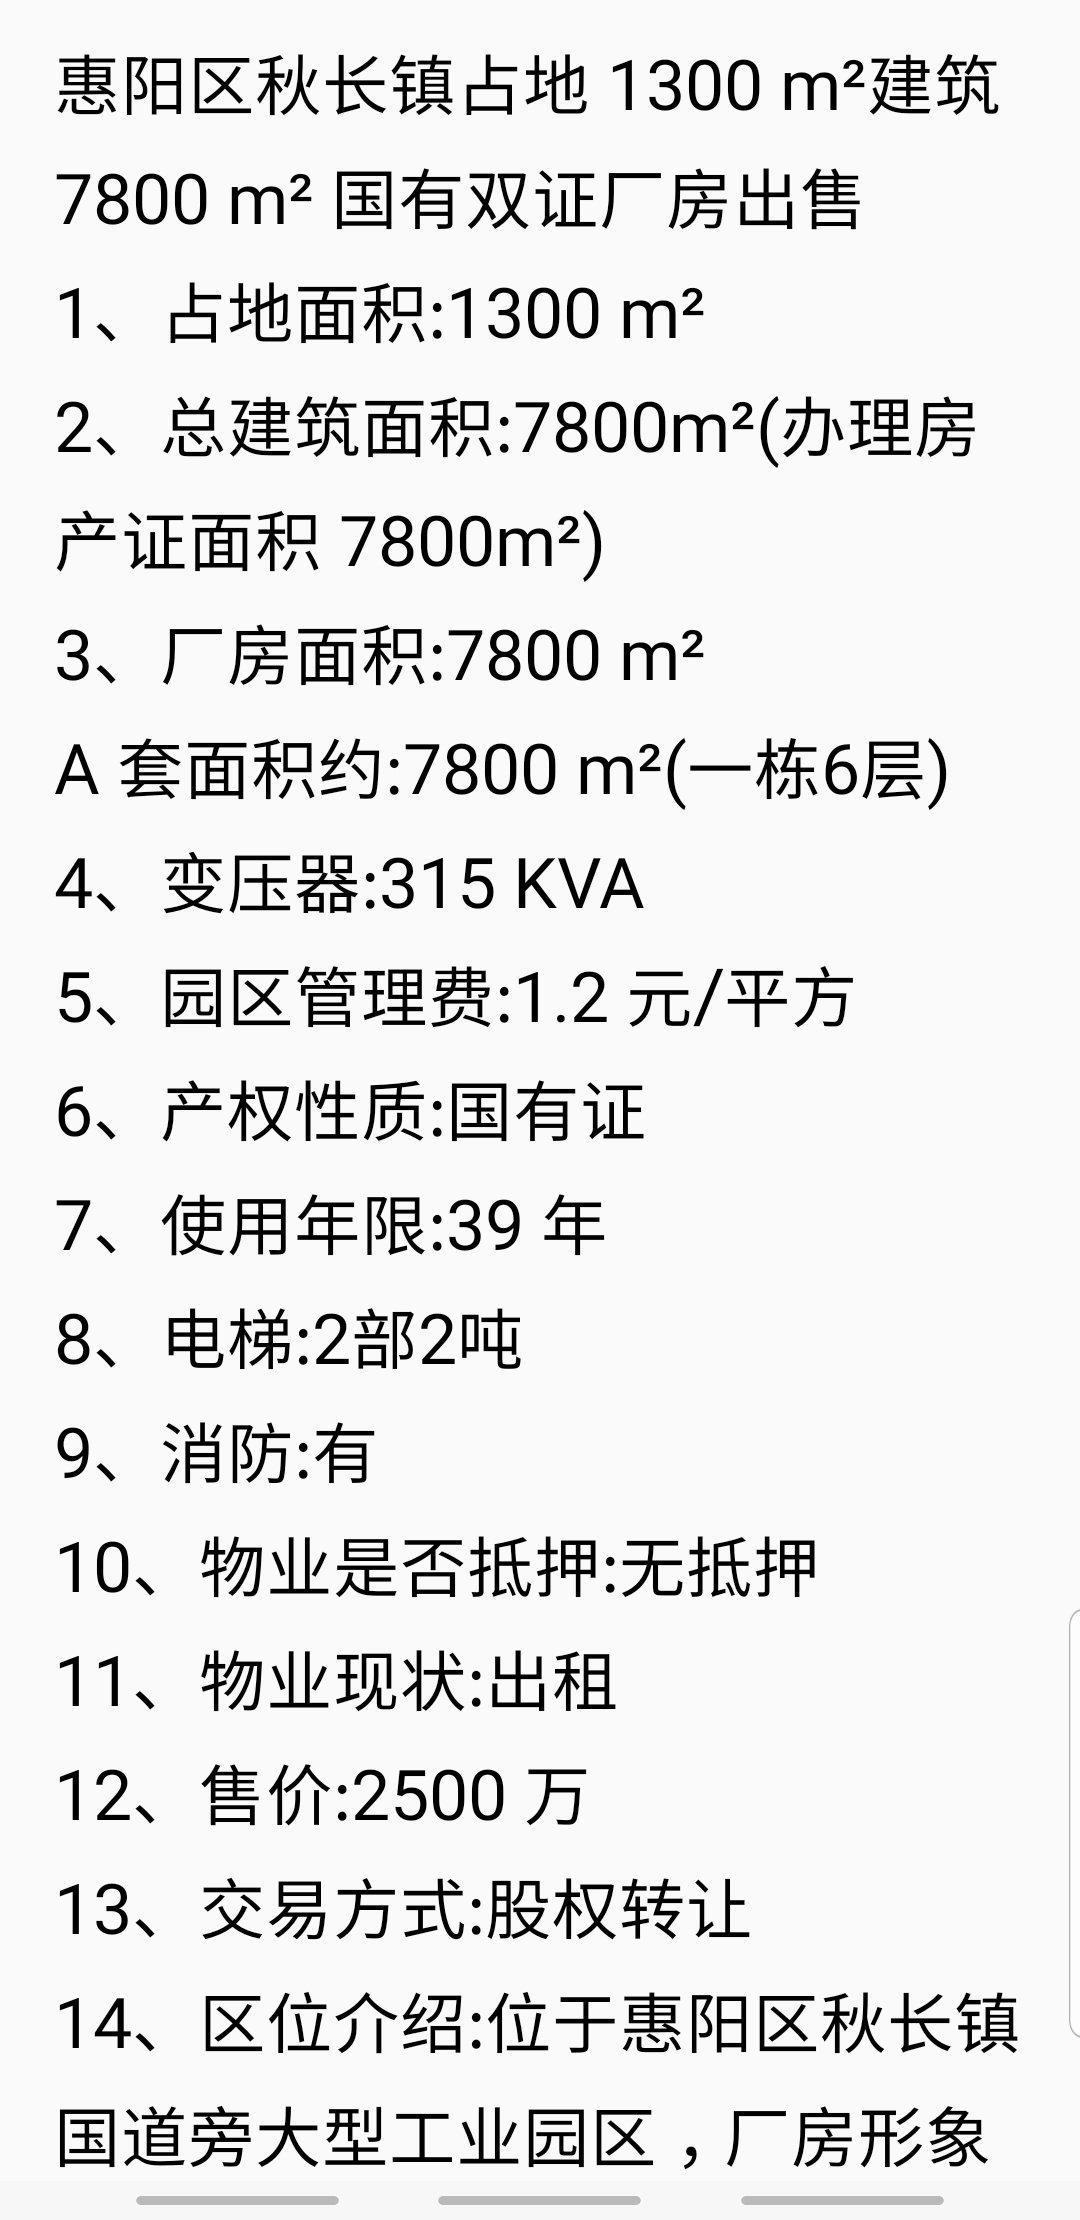 深圳占地1300m²建筑7800m²国有双证